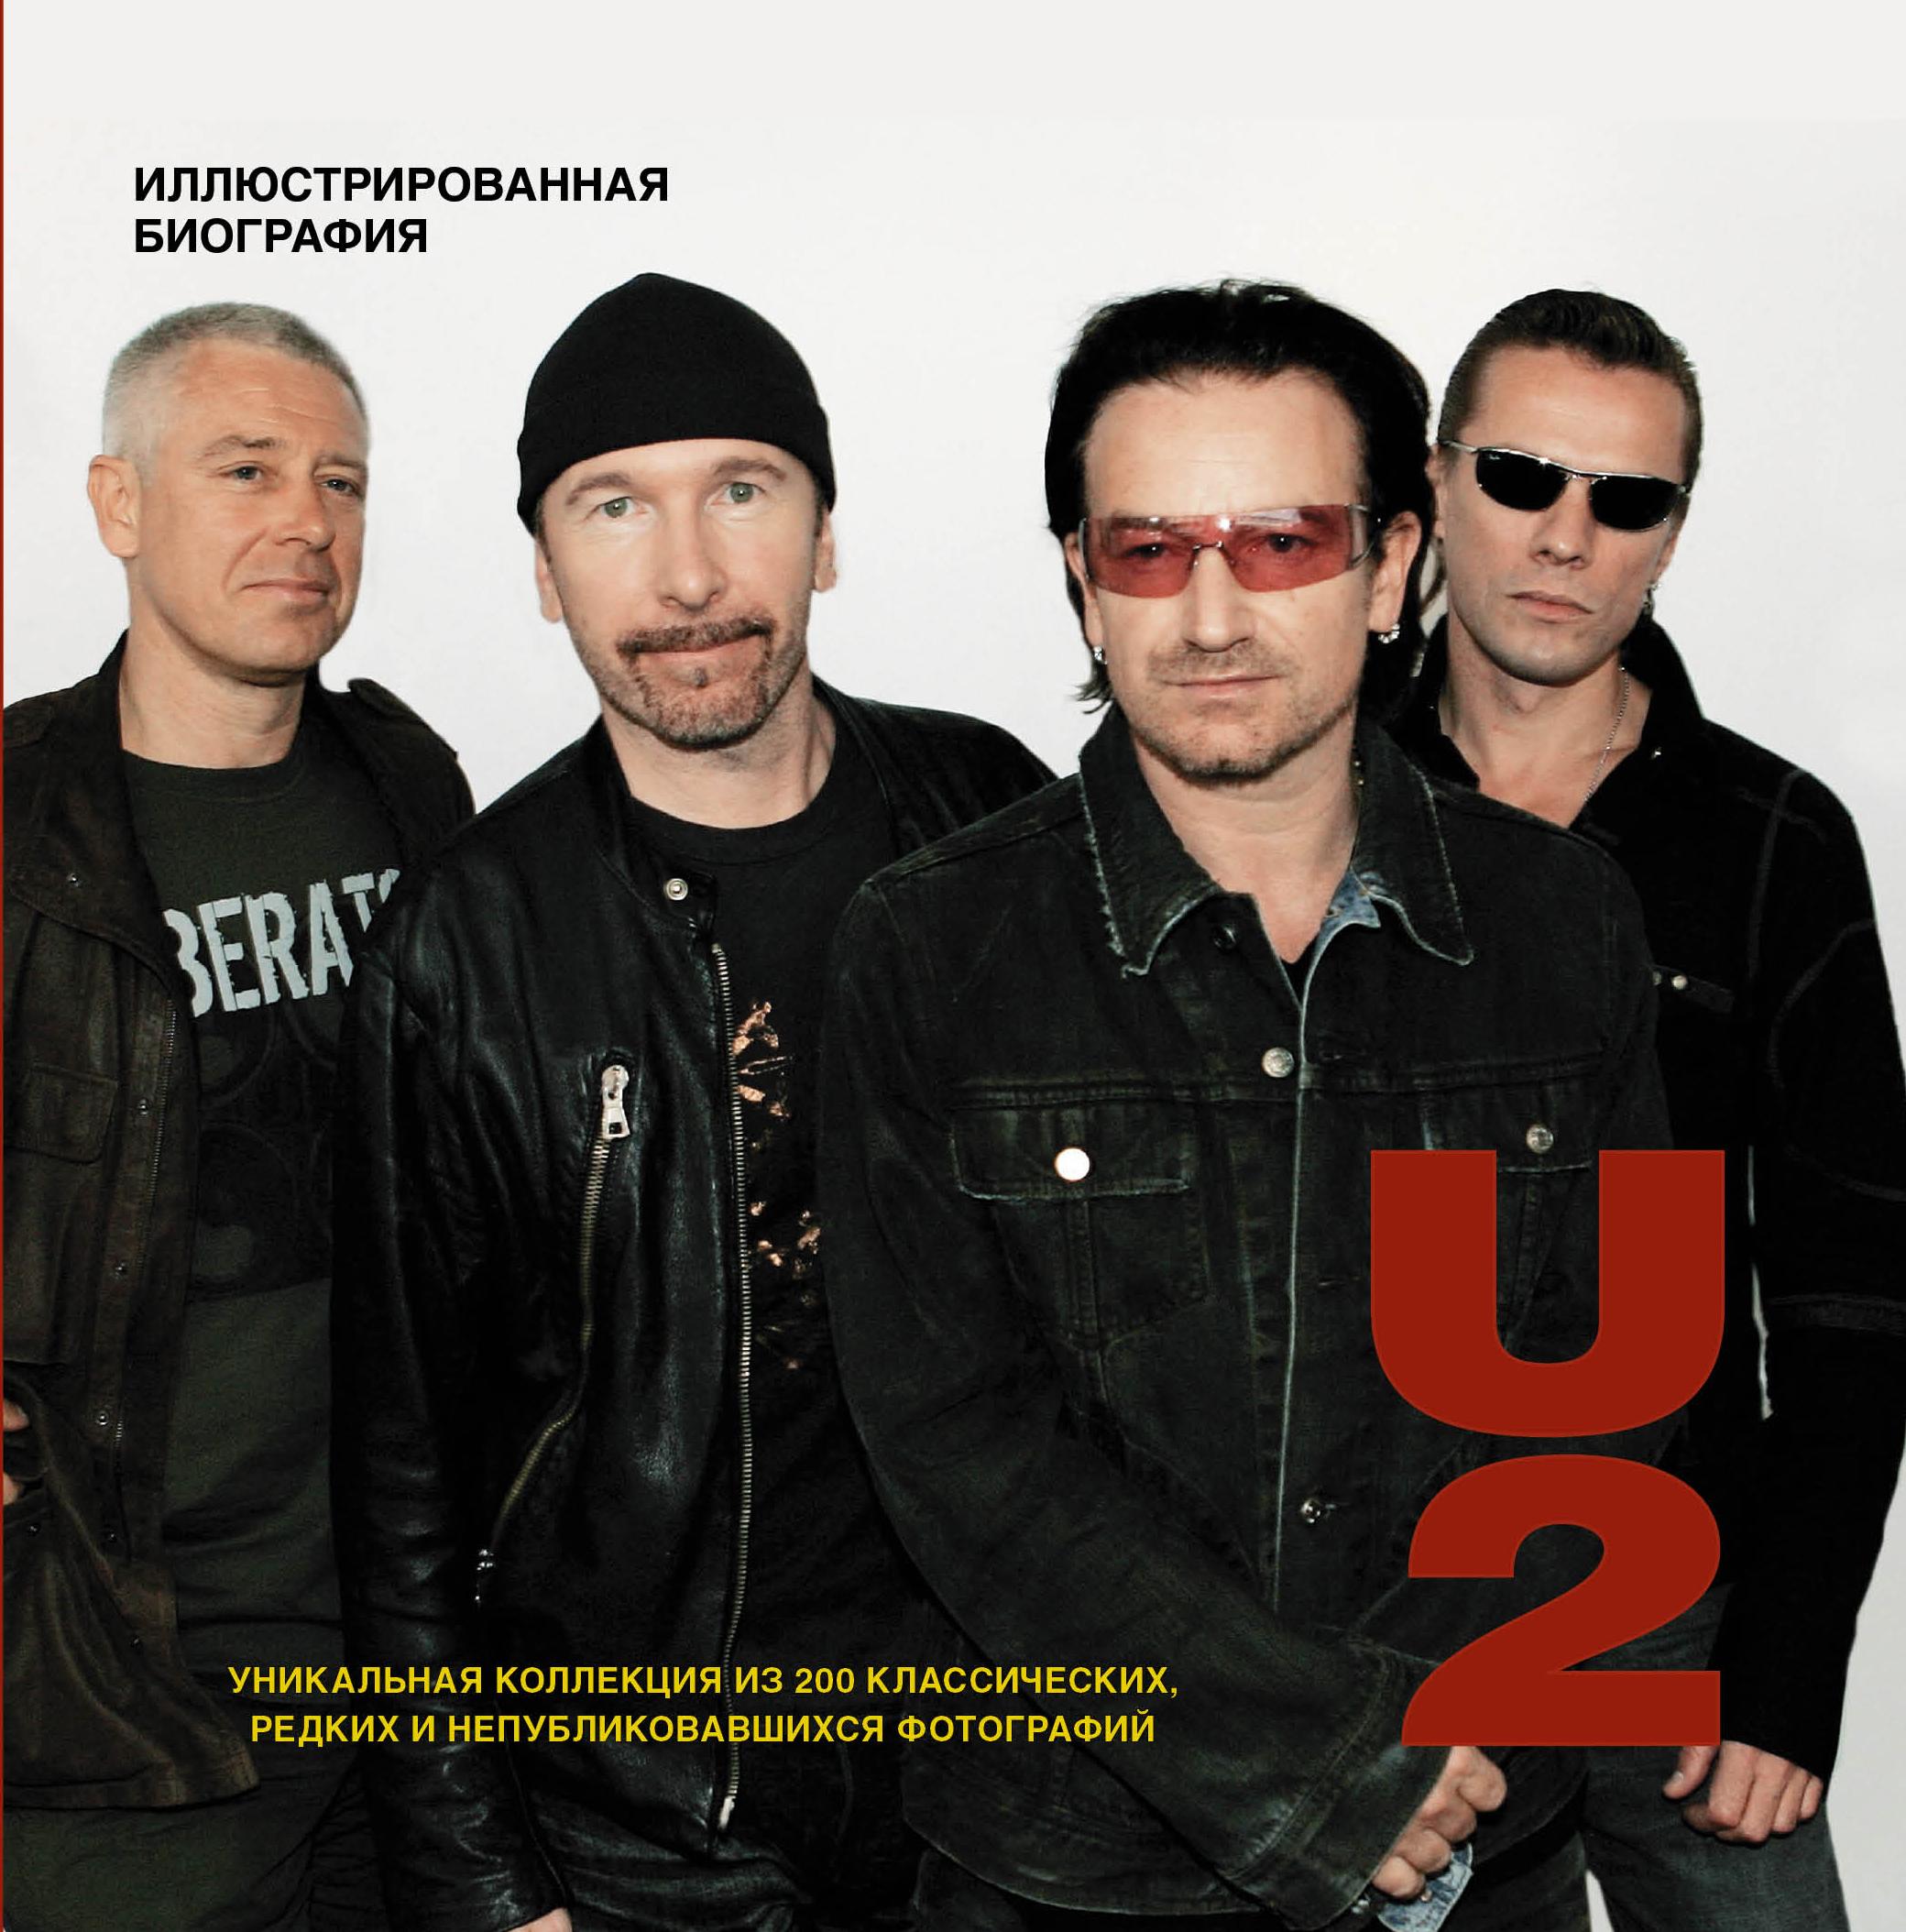 U2. Иллюстрированная биография ( Андерсен М.  )